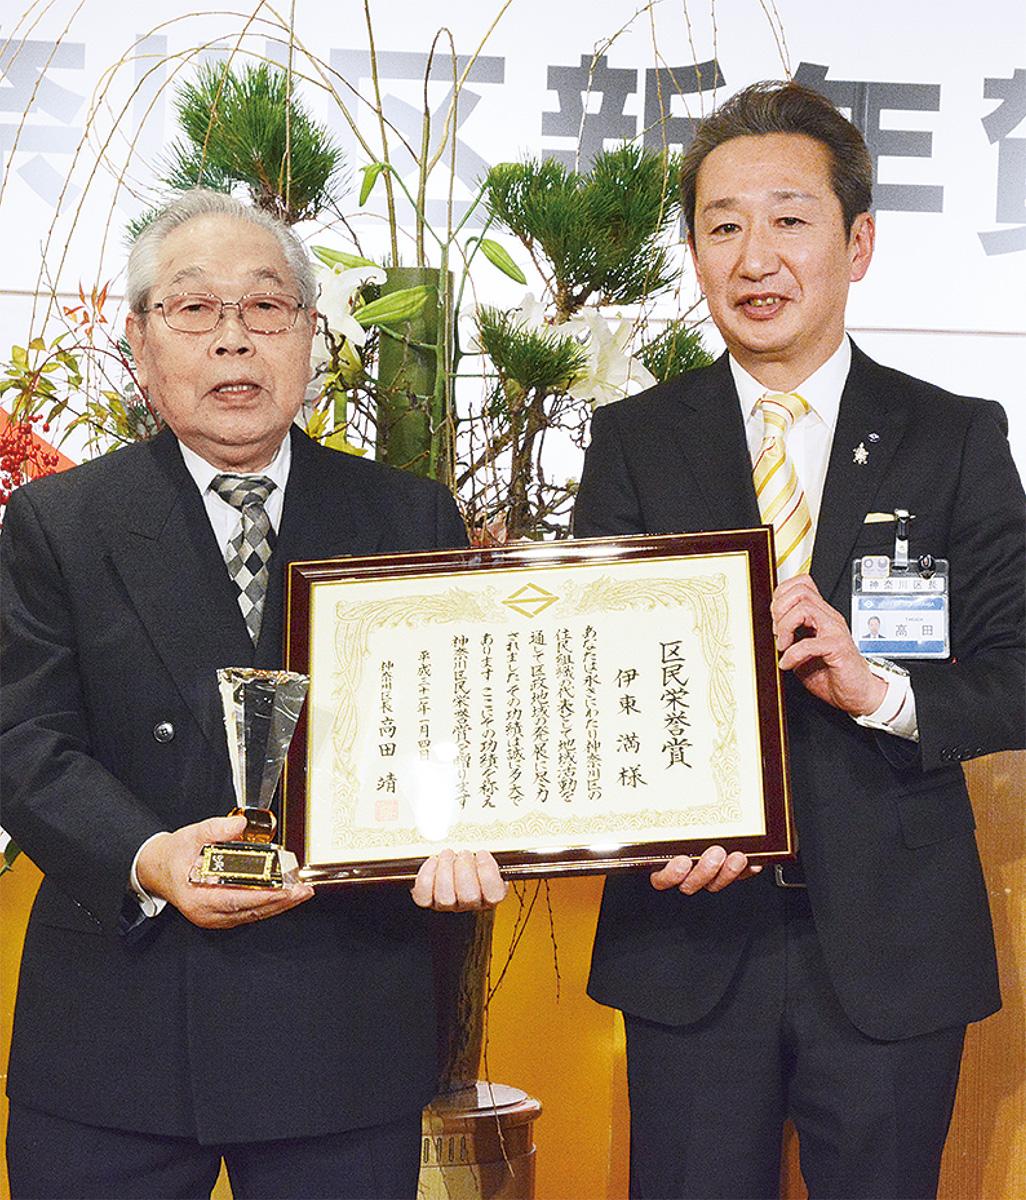 高田区長から表彰された伊東氏(左)